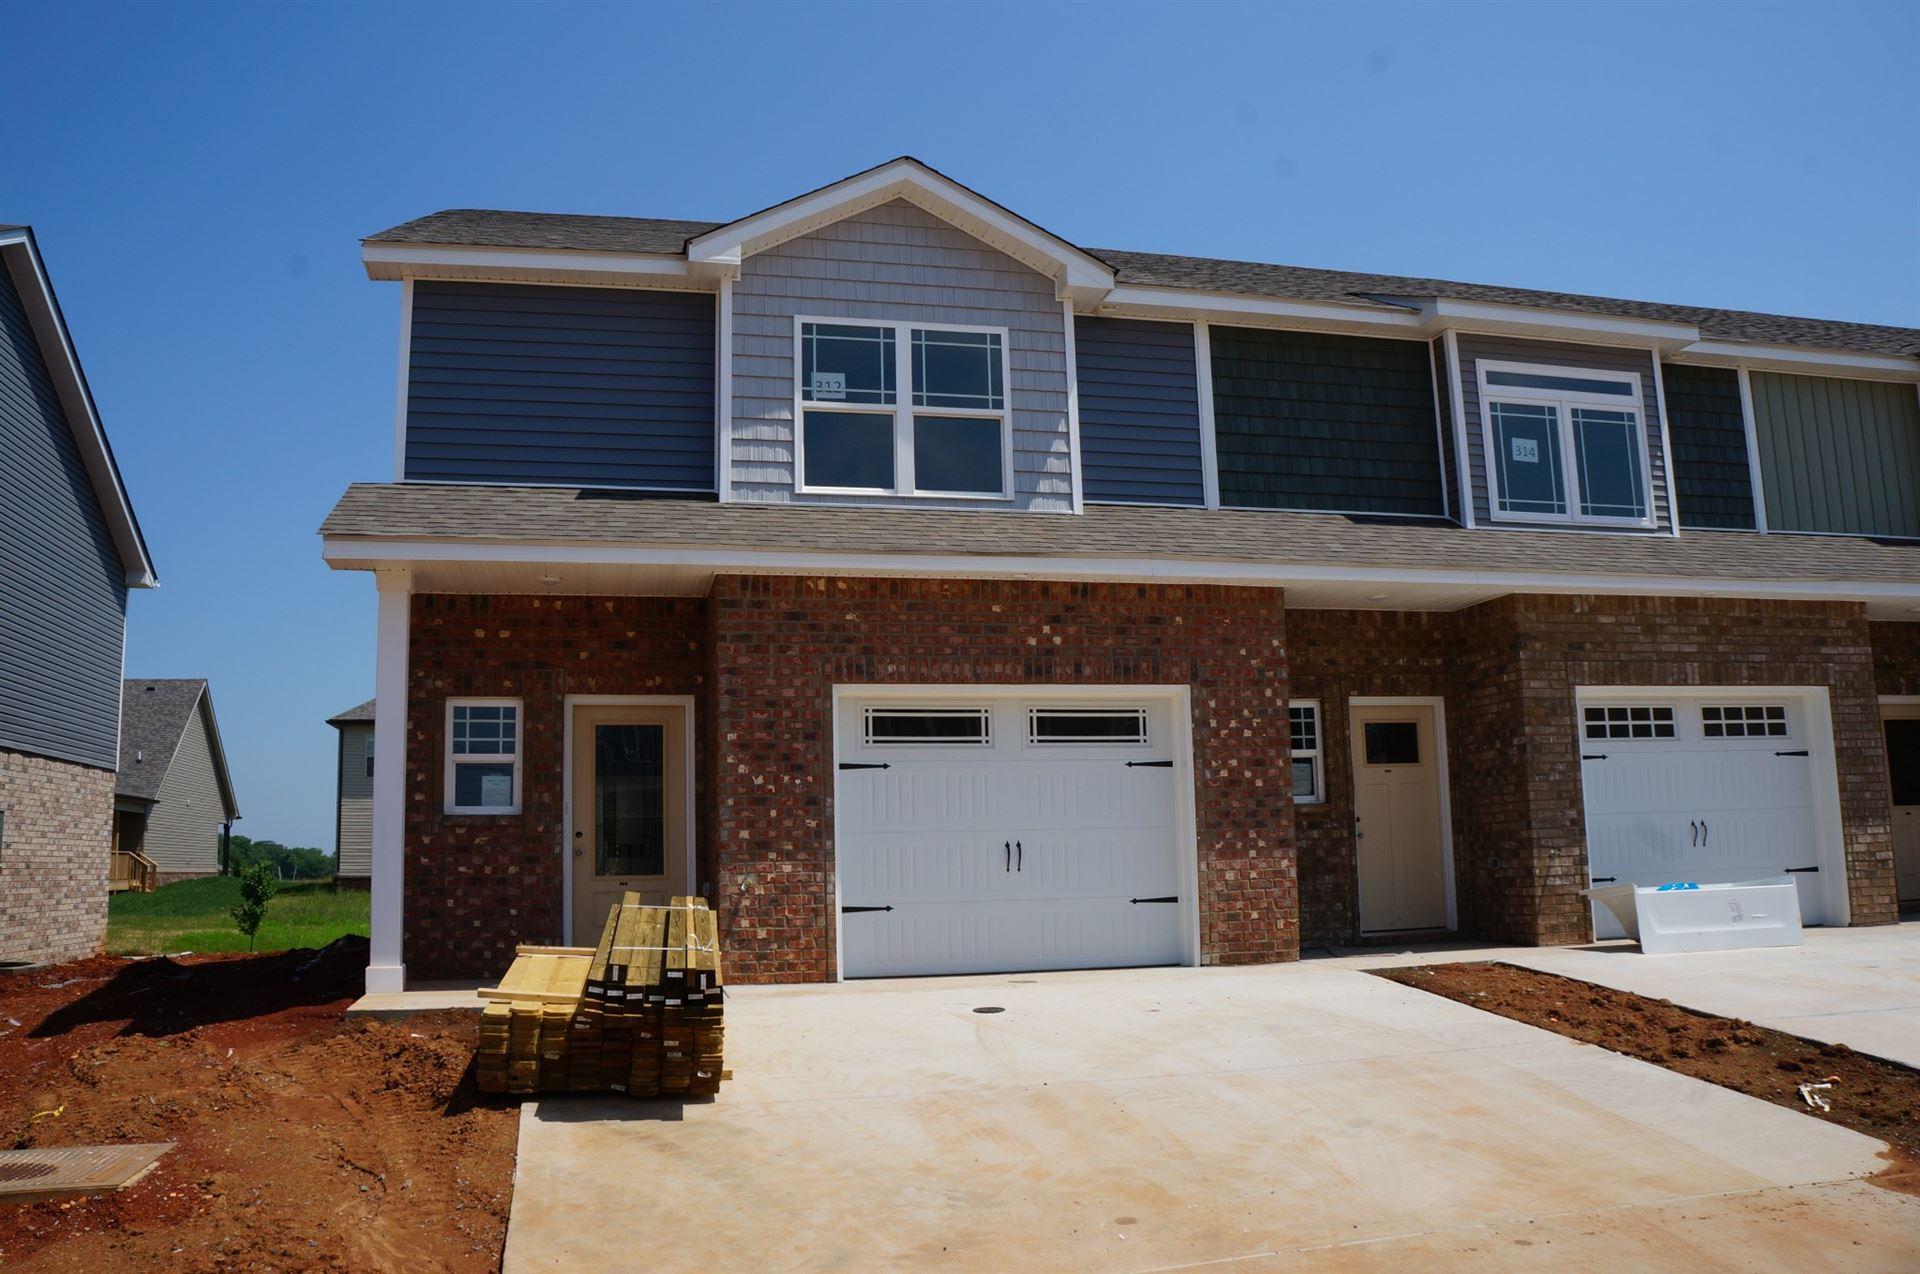 312 Fallow Cir, Clarksville, TN 37040 - MLS#: 2264853